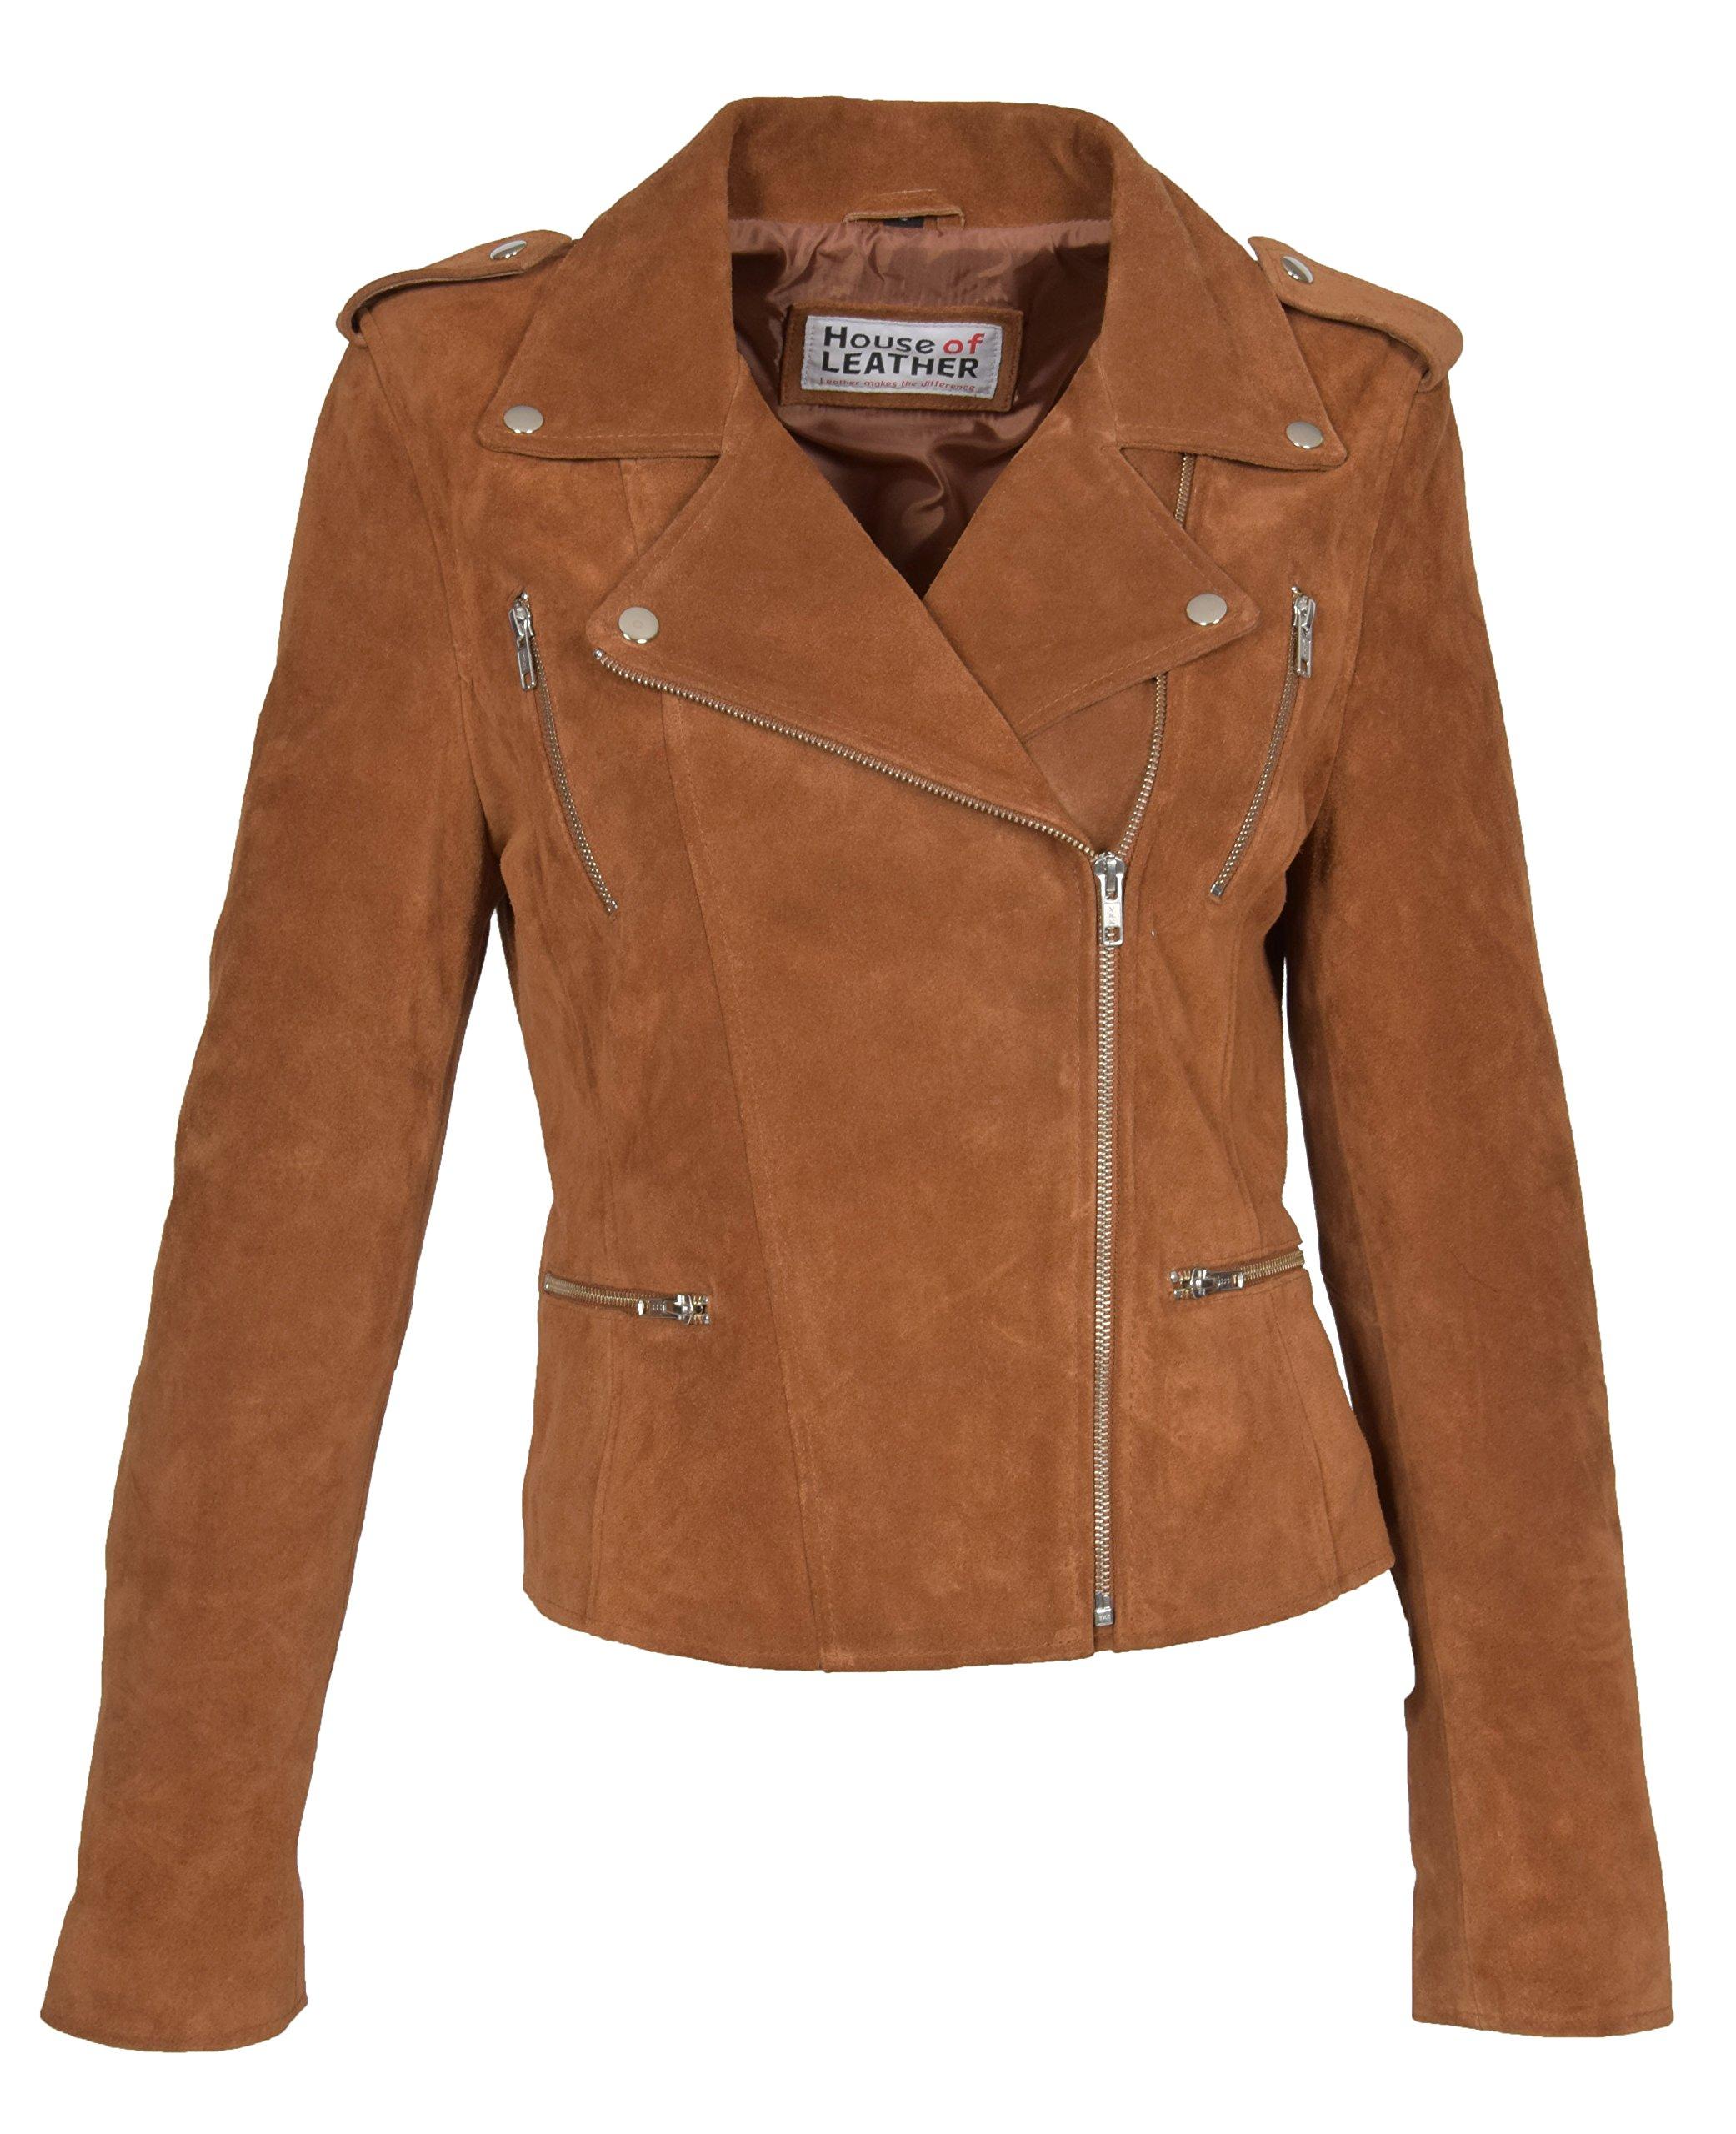 Ladies Real Suede Leather Biker Jacket Slim Fit Retro Cross Zip Style Skylar Tan (Large)